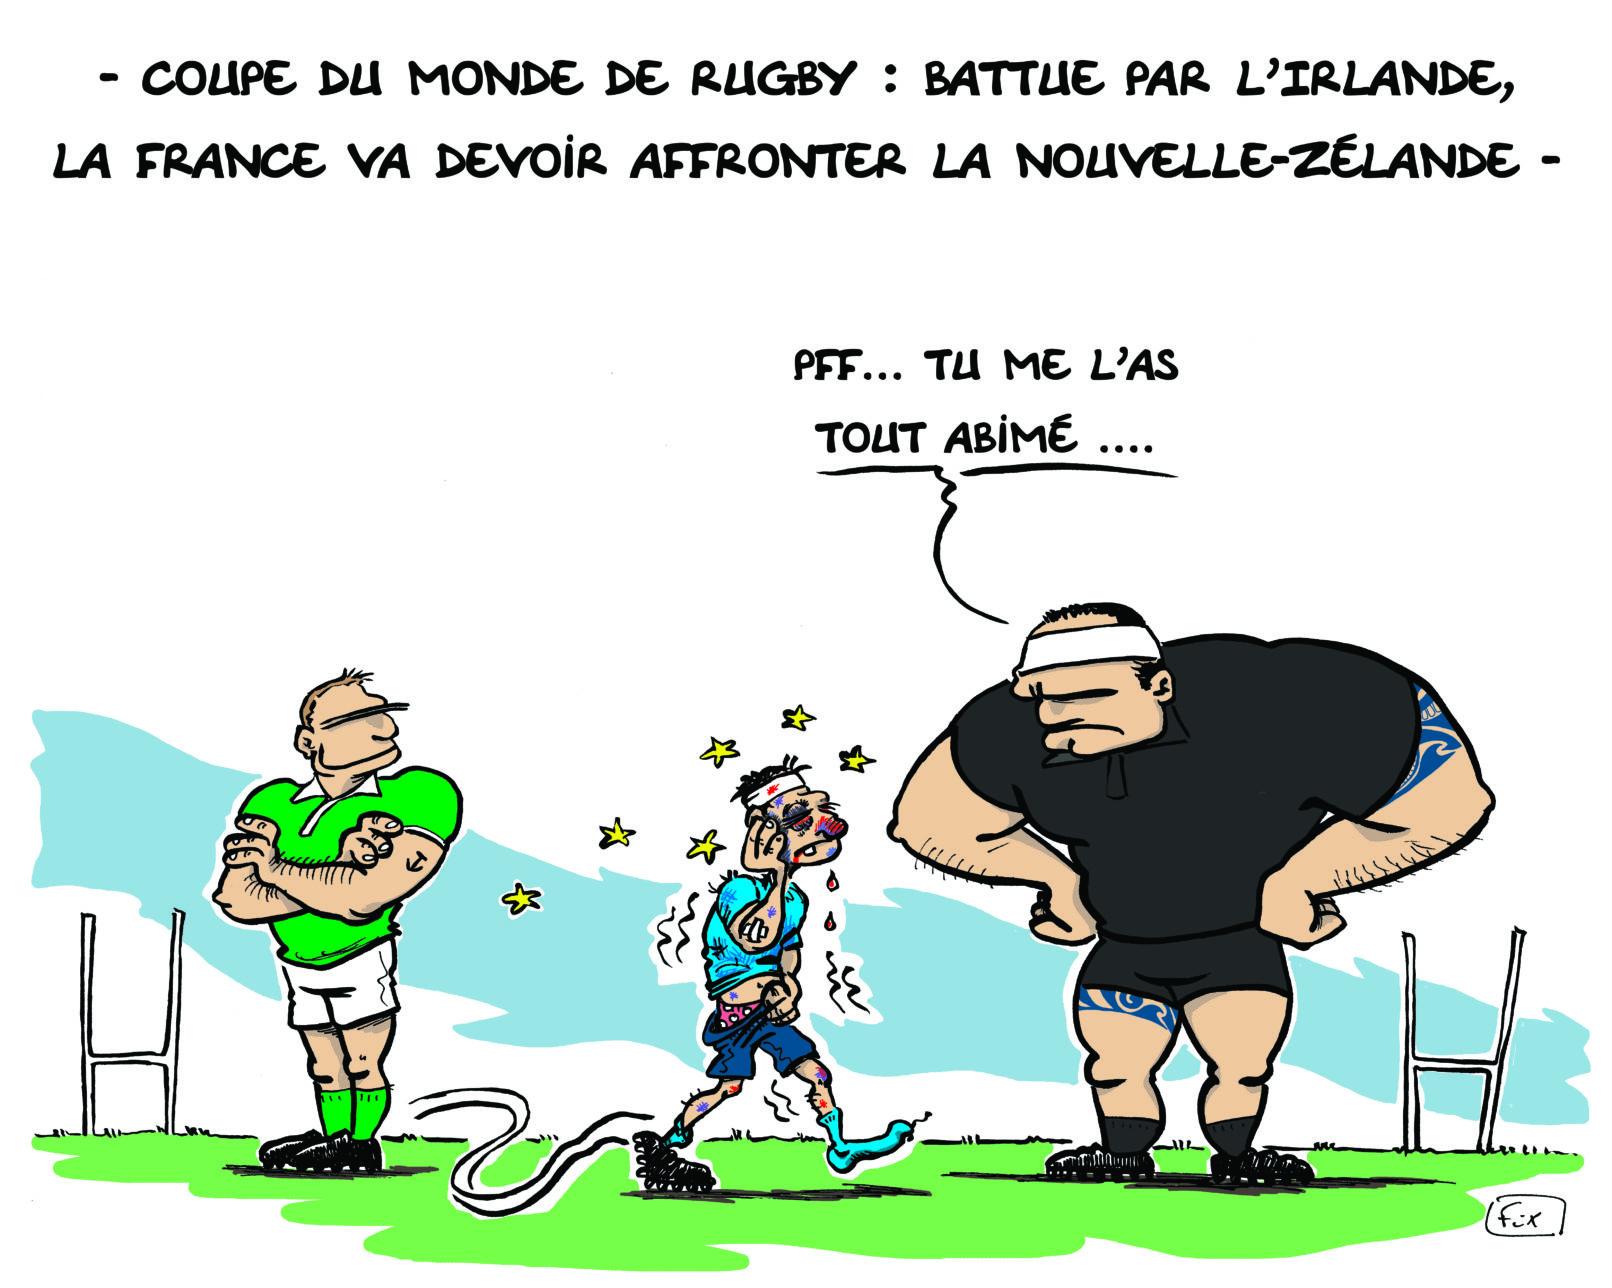 Dessins de presse  20151013-rugby-couleur